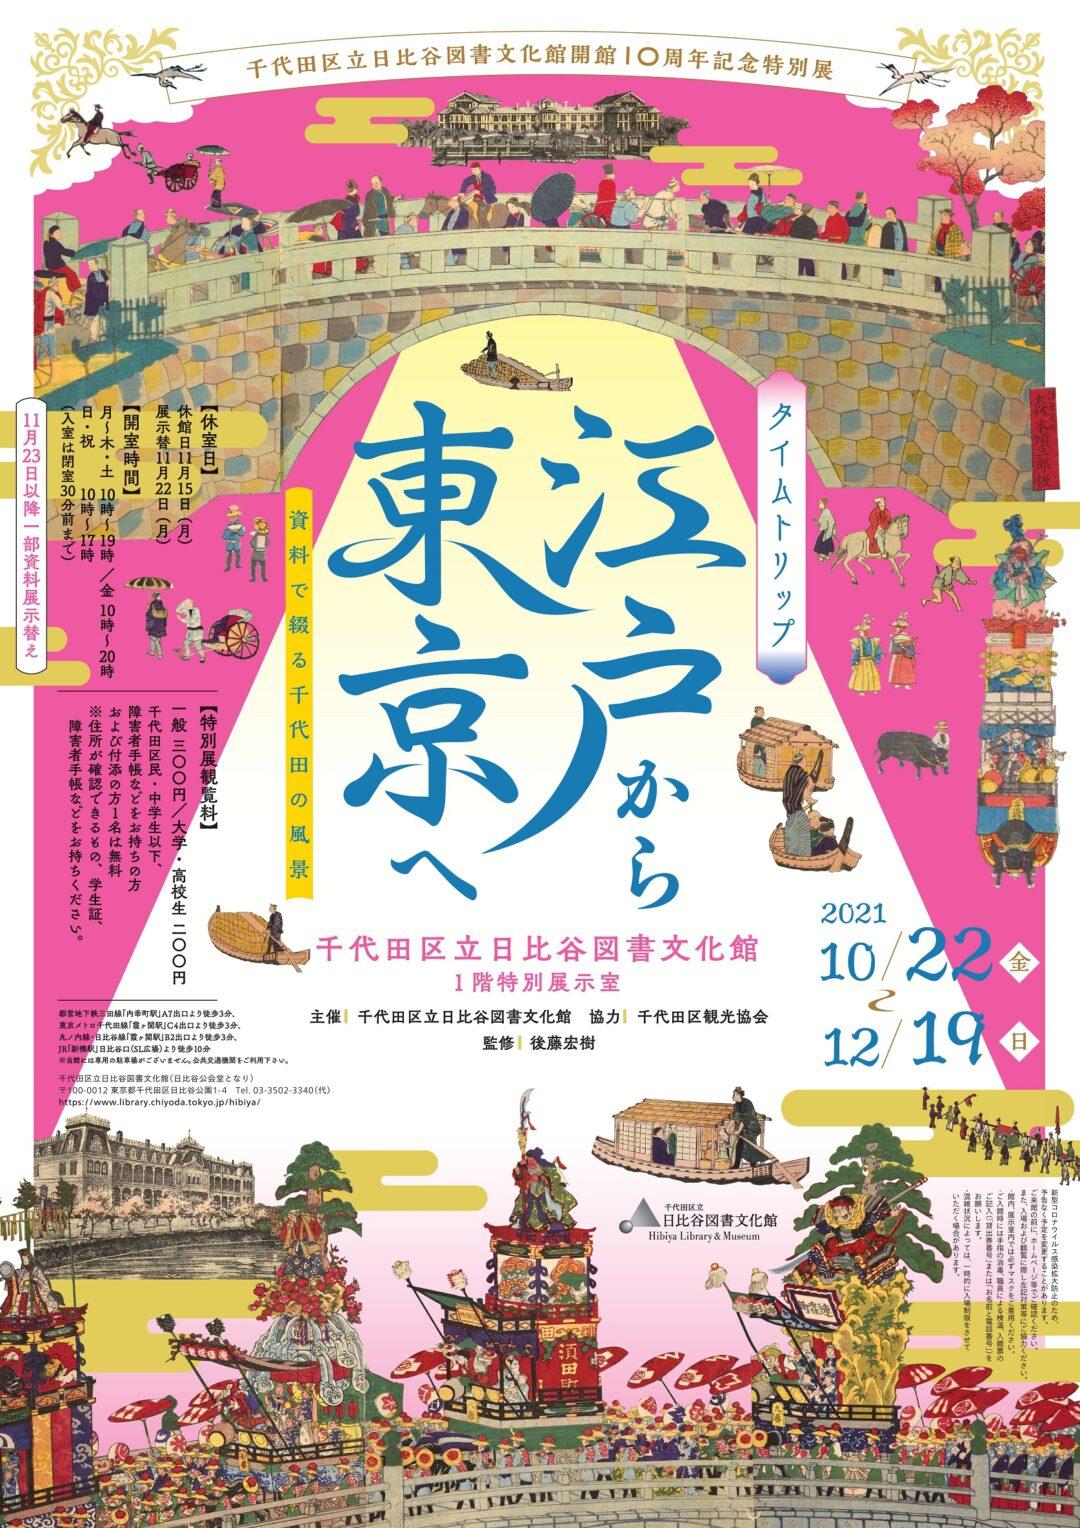 江戸から東京への変貌を見る タイムトリップする展覧会